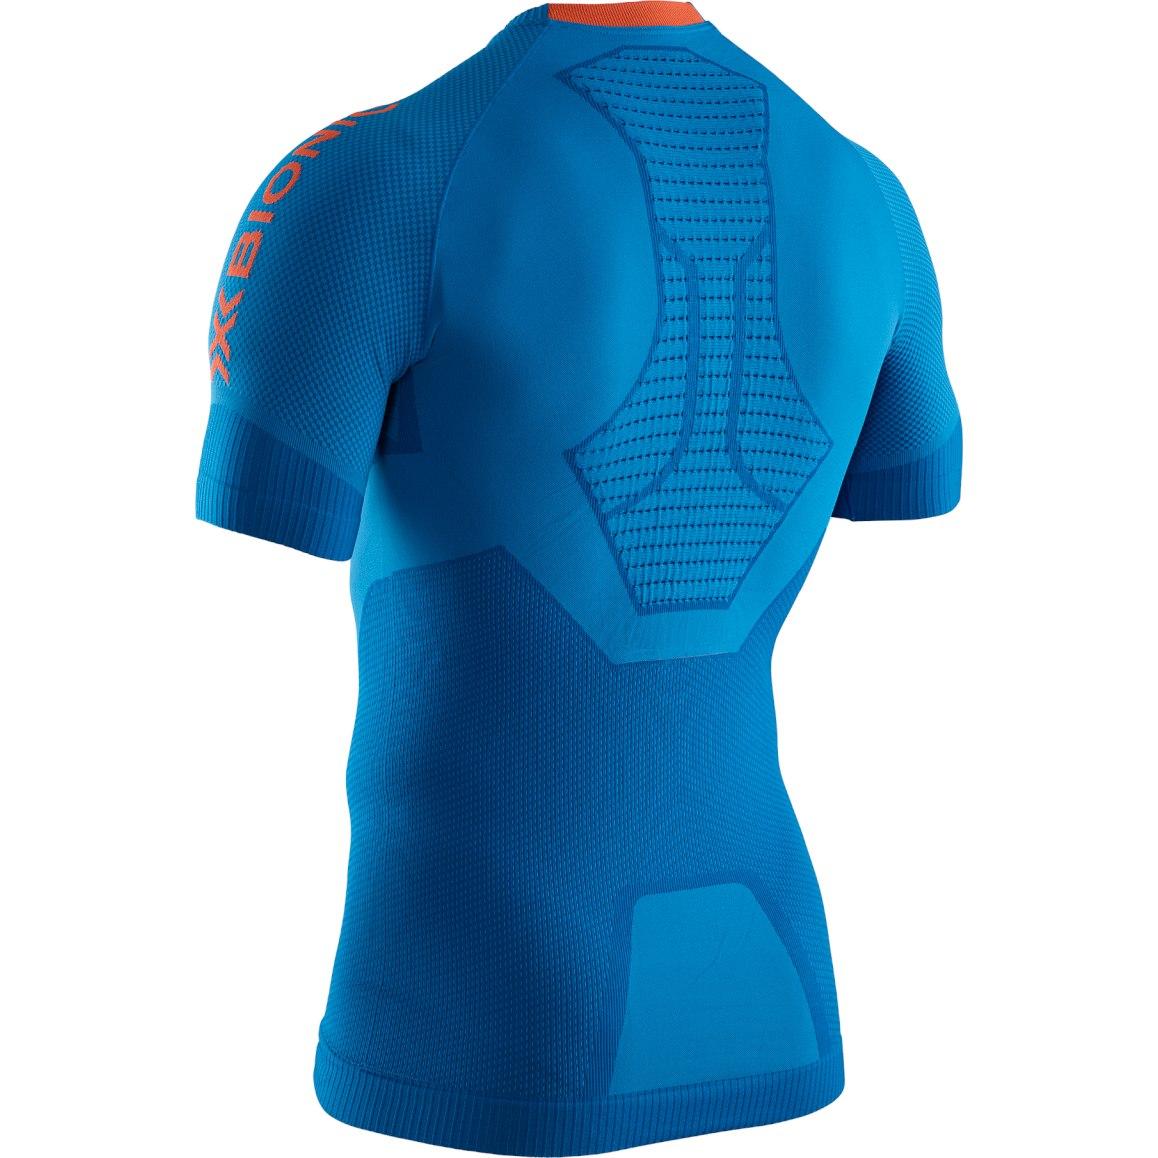 Bild von X-Bionic Invent 4.0 Run Speed Kurzarm-Laufshirt für Herren - teal blue/kurkuma orange RT-RT00S19M-A005